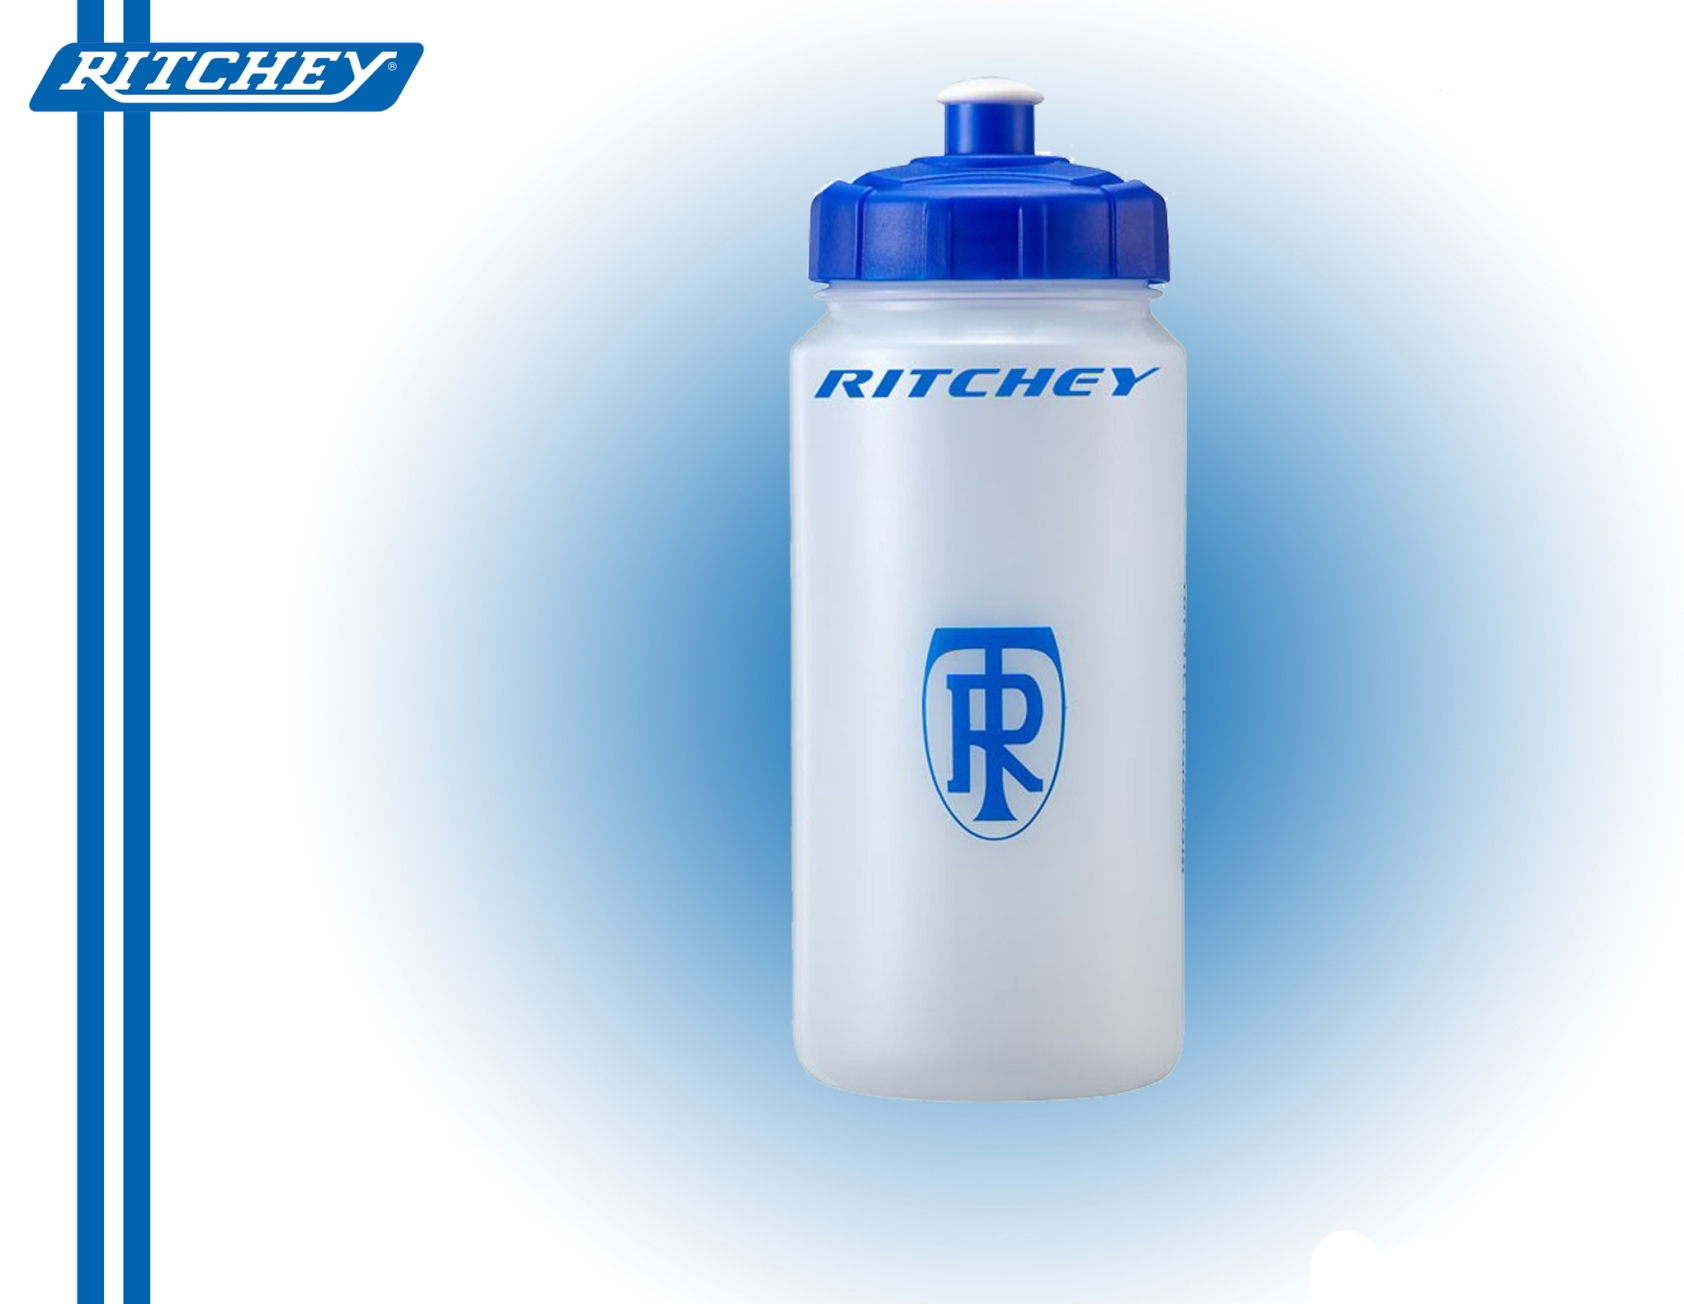 กระติกน้ำ Ritchey 2017 500 cc.